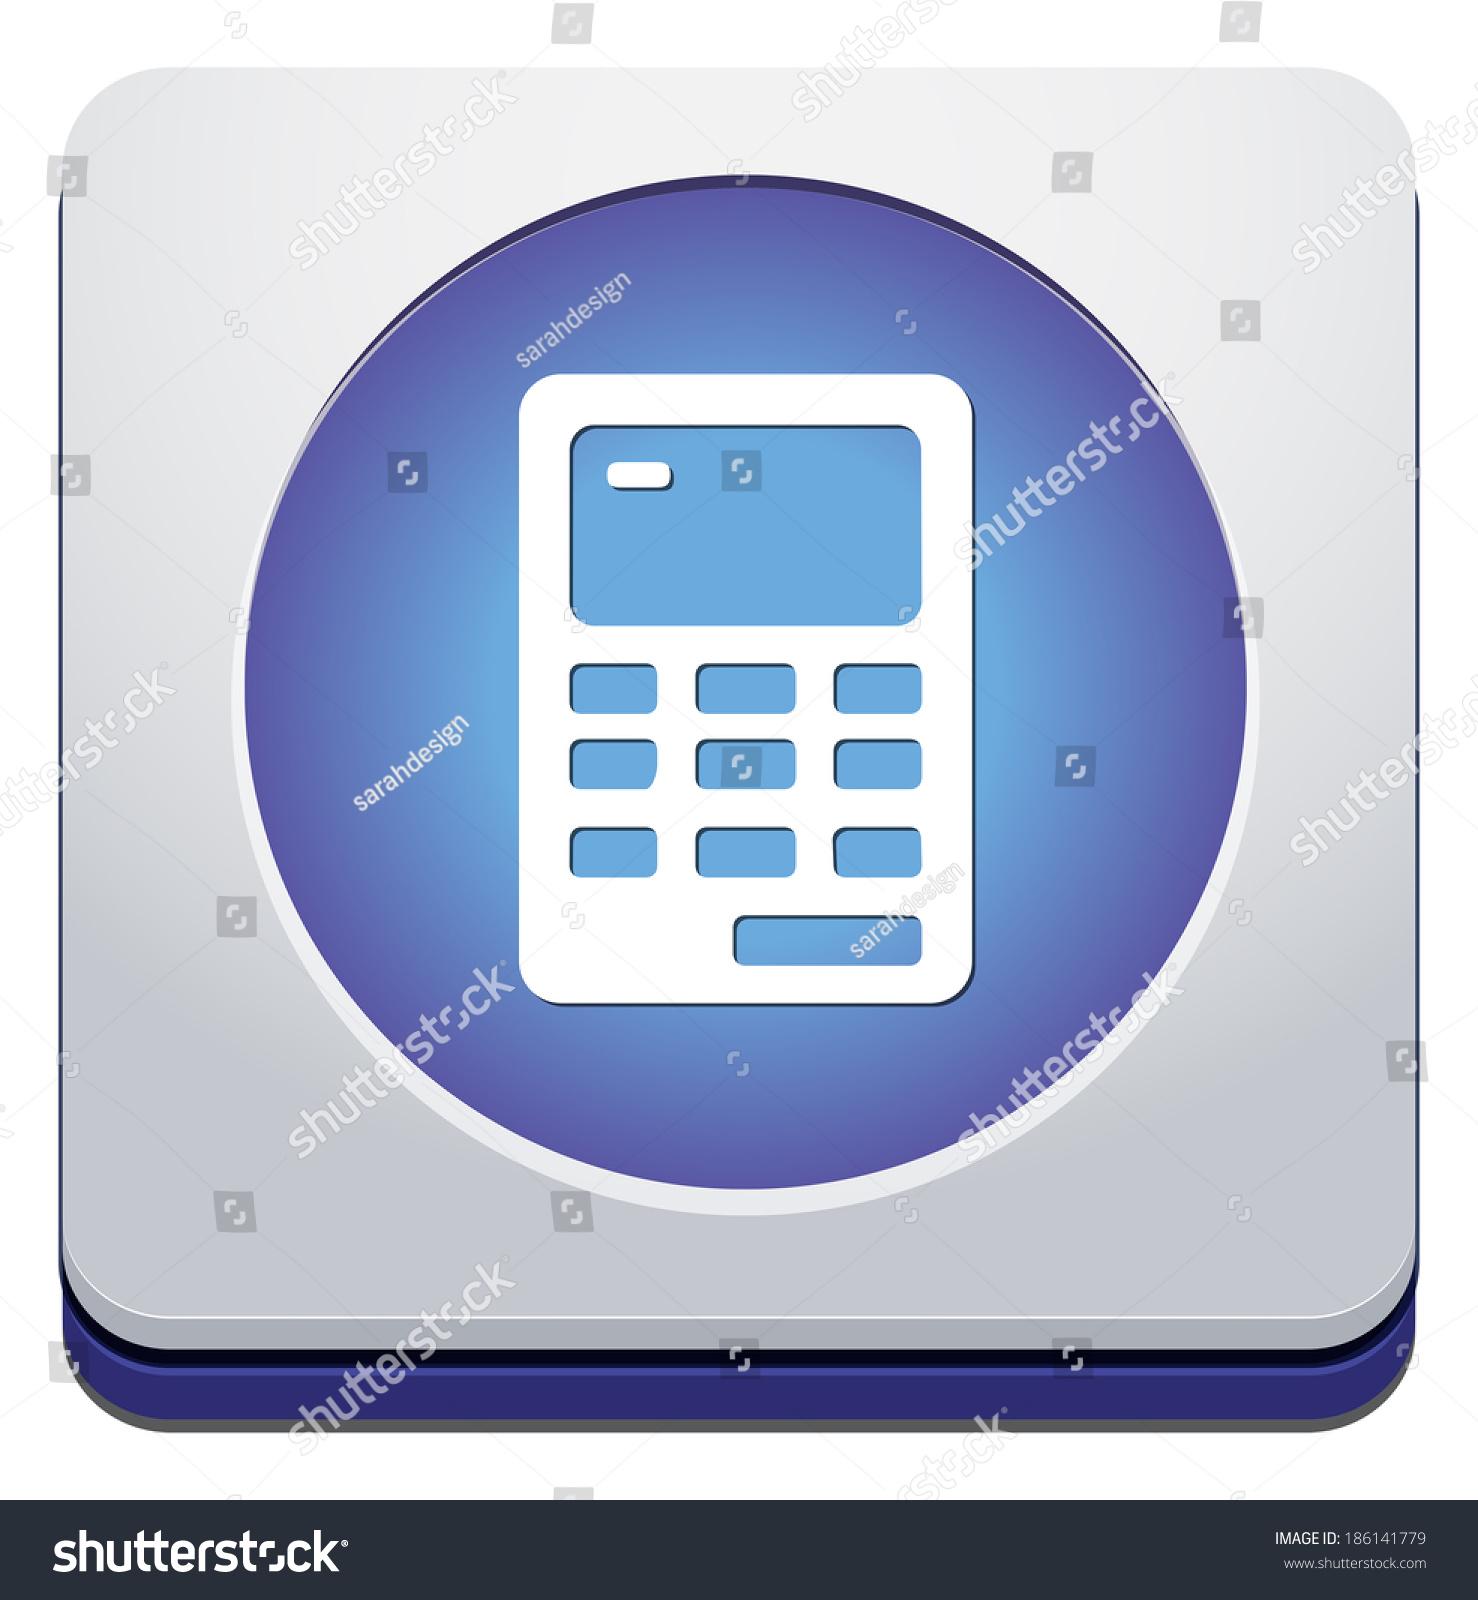 Web element calculator icon